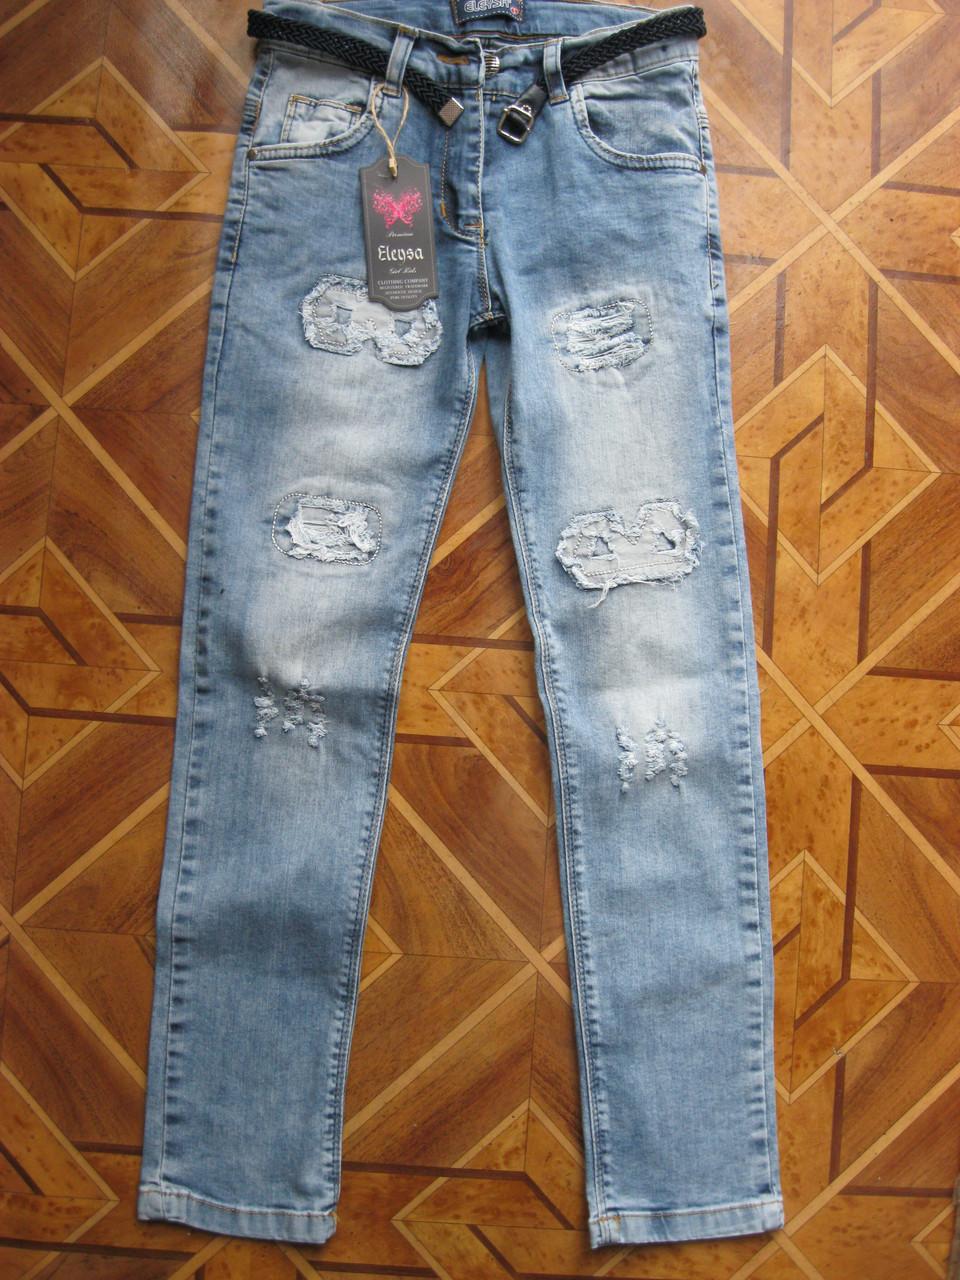 cb27b42f0 Детские модные стретчевые джинсы + поясок для девочки подросток 9-10 лет  Турция - Интернет